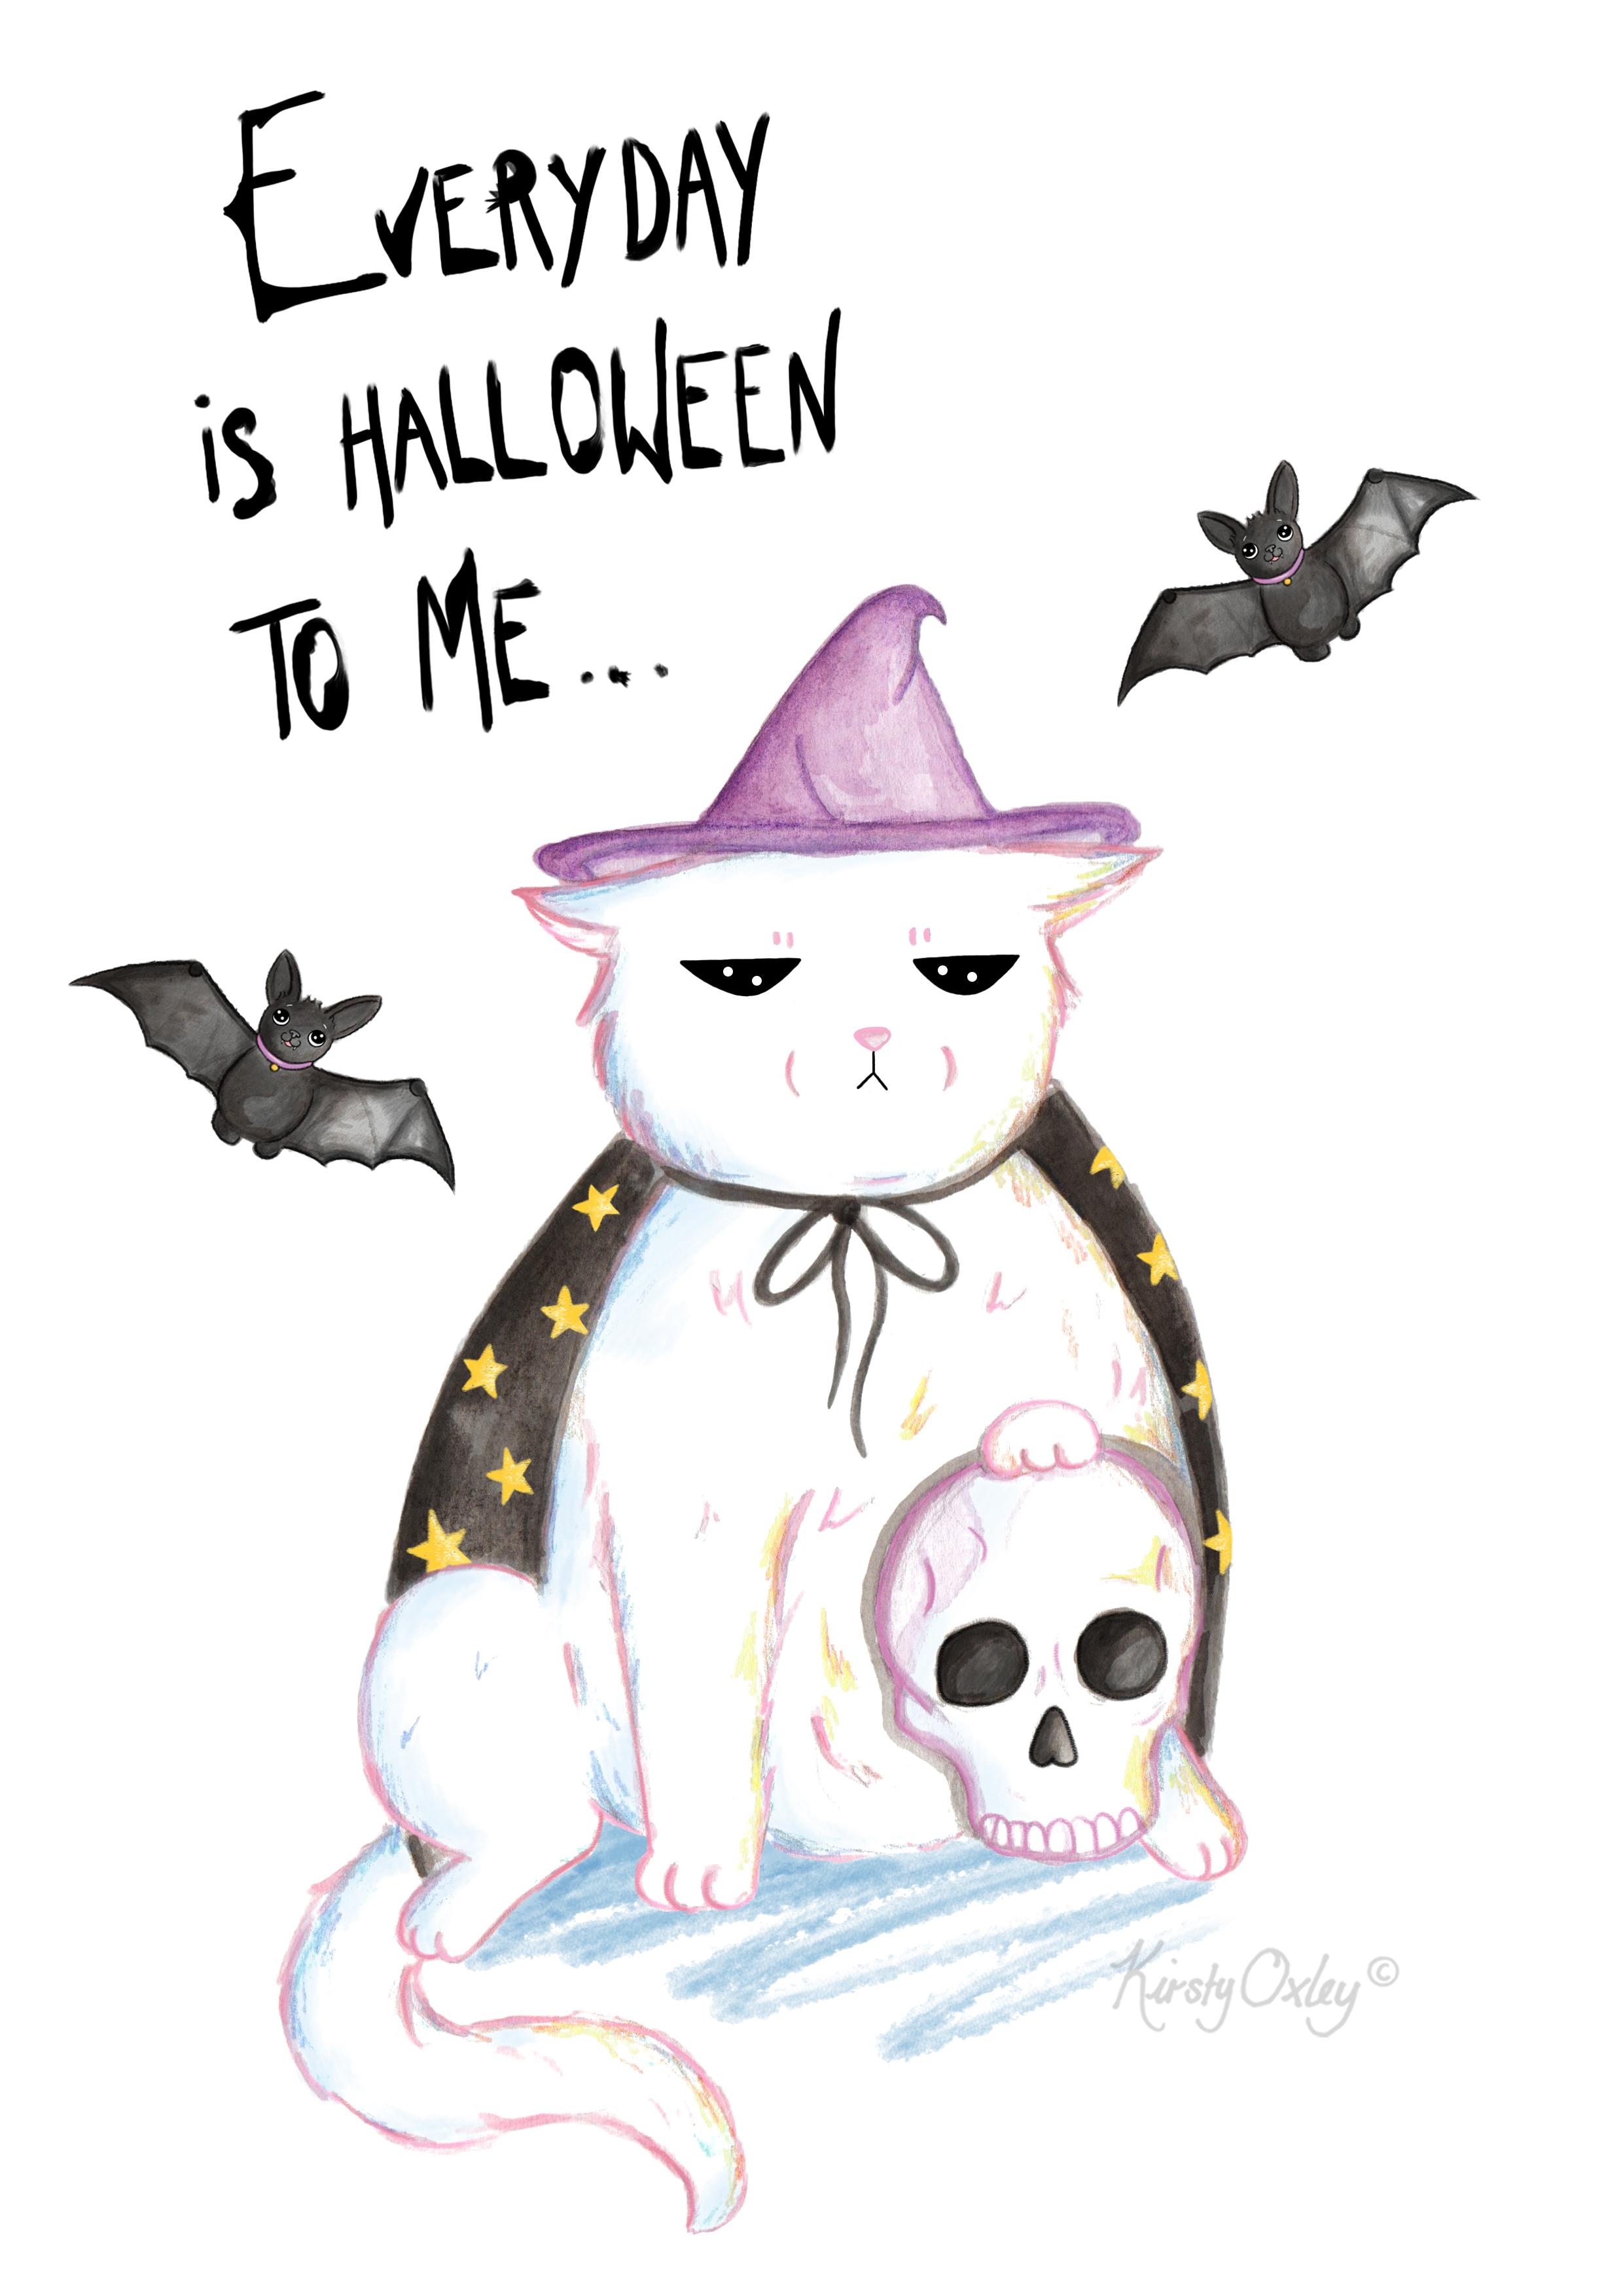 Halloween_Cat_Kirsty_Oxley_Illustration_Cute_Kawaii_Sig.jpg